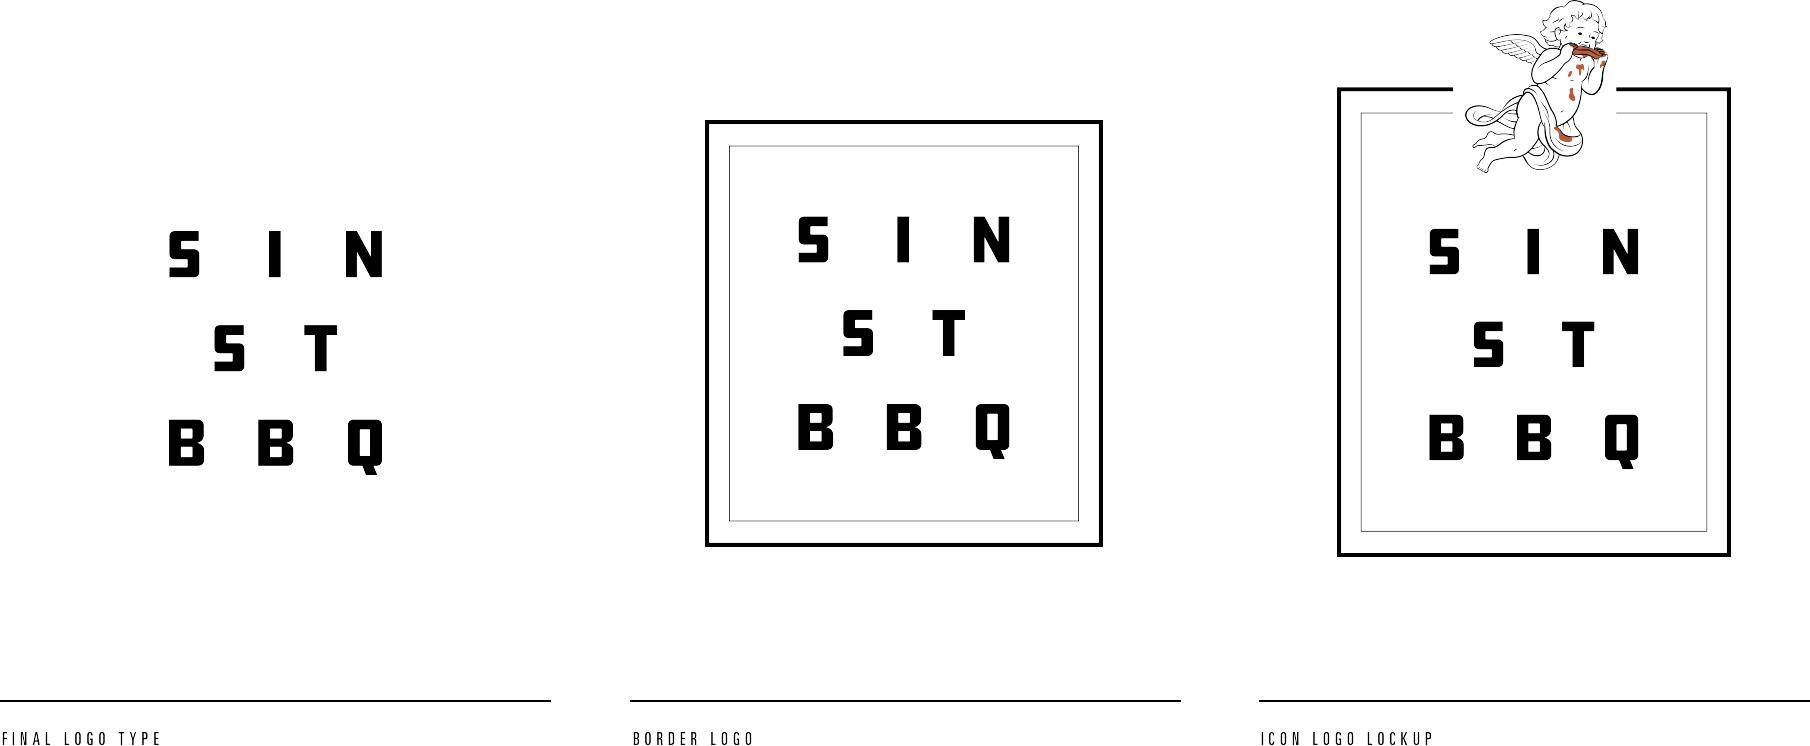 sinstbbq_LOGO_LINEUP